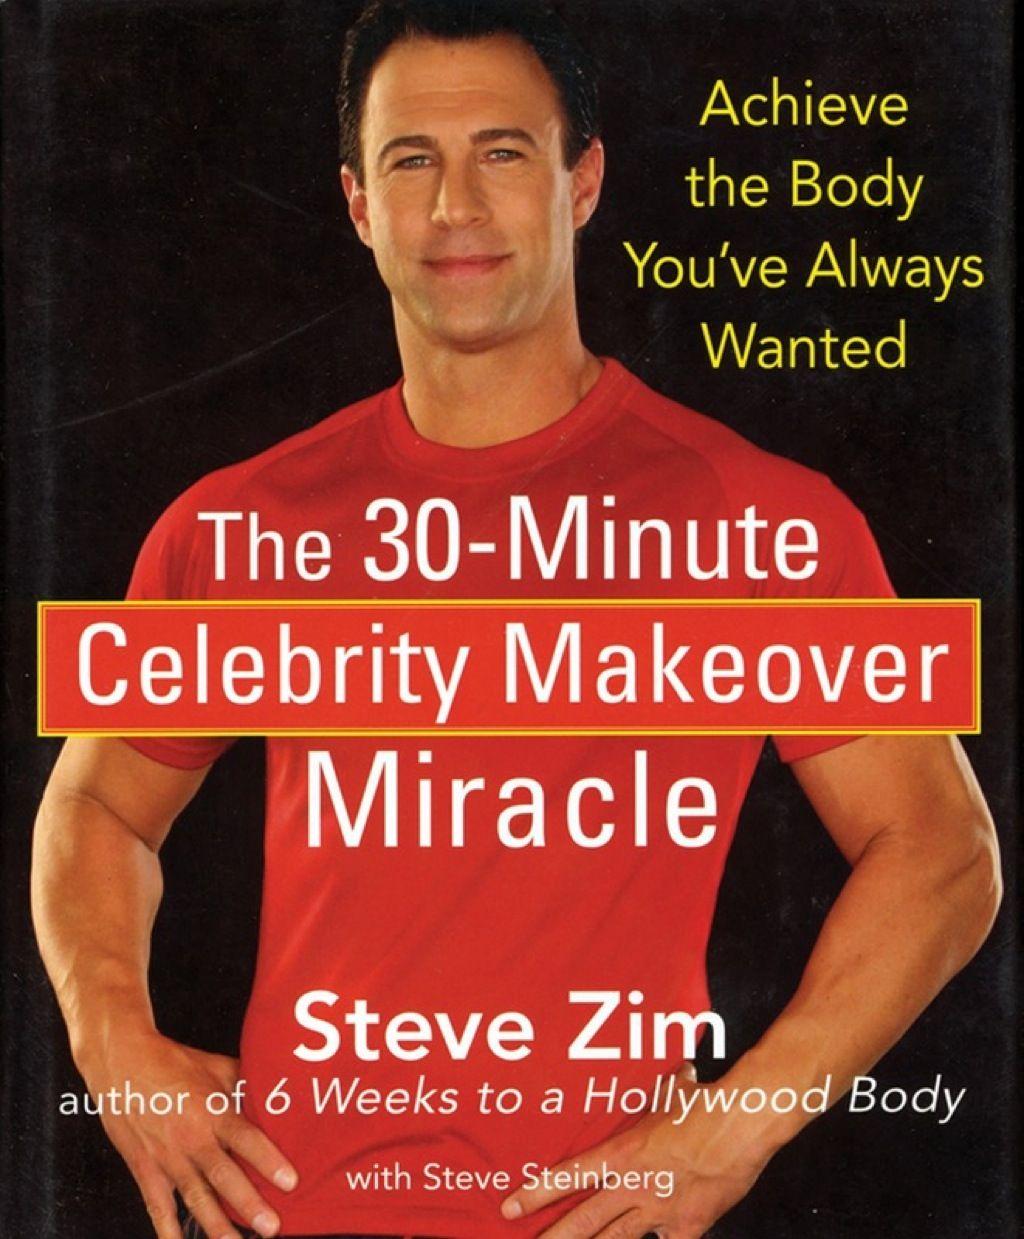 Steve Zim Workout Plan Pdf